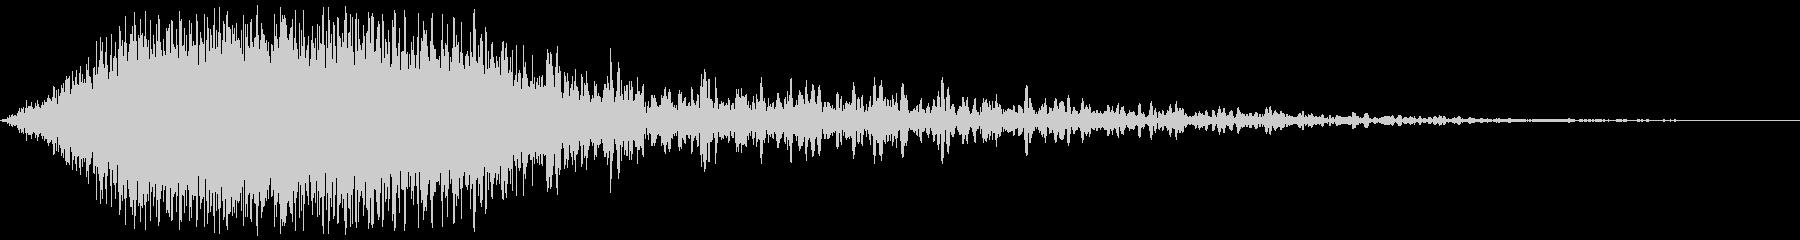 パンチの風切り音(スローモーション)の未再生の波形